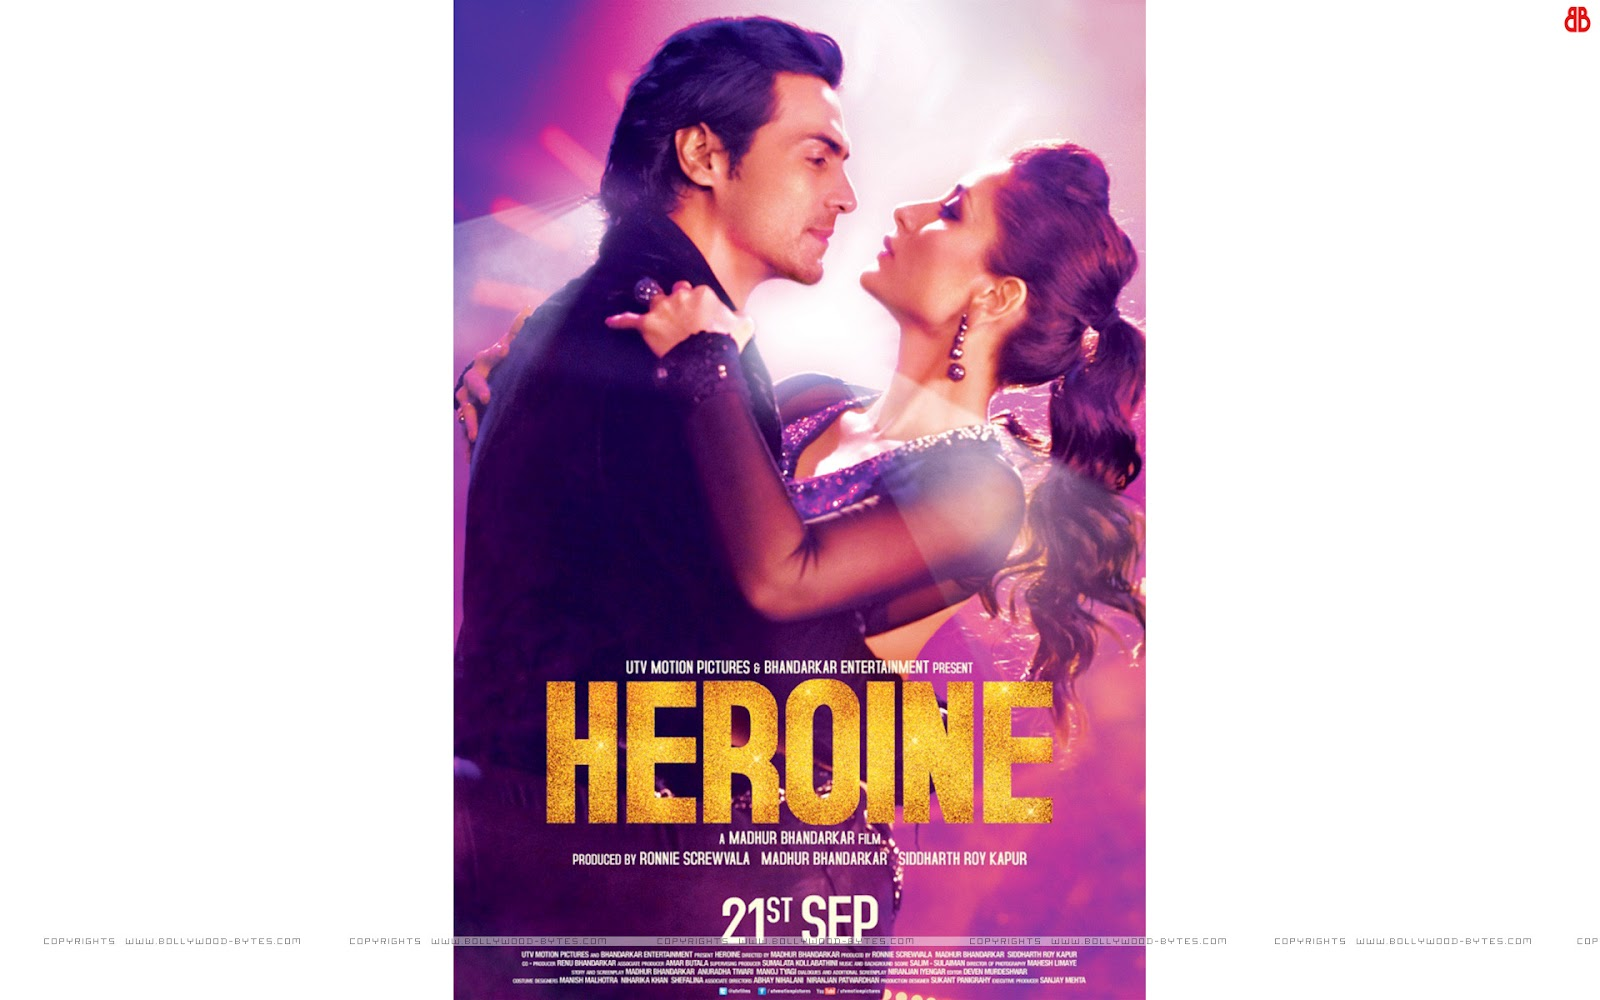 Heroine HD Wallpaper Hot Kareena Kapoor and Arjun Rampal